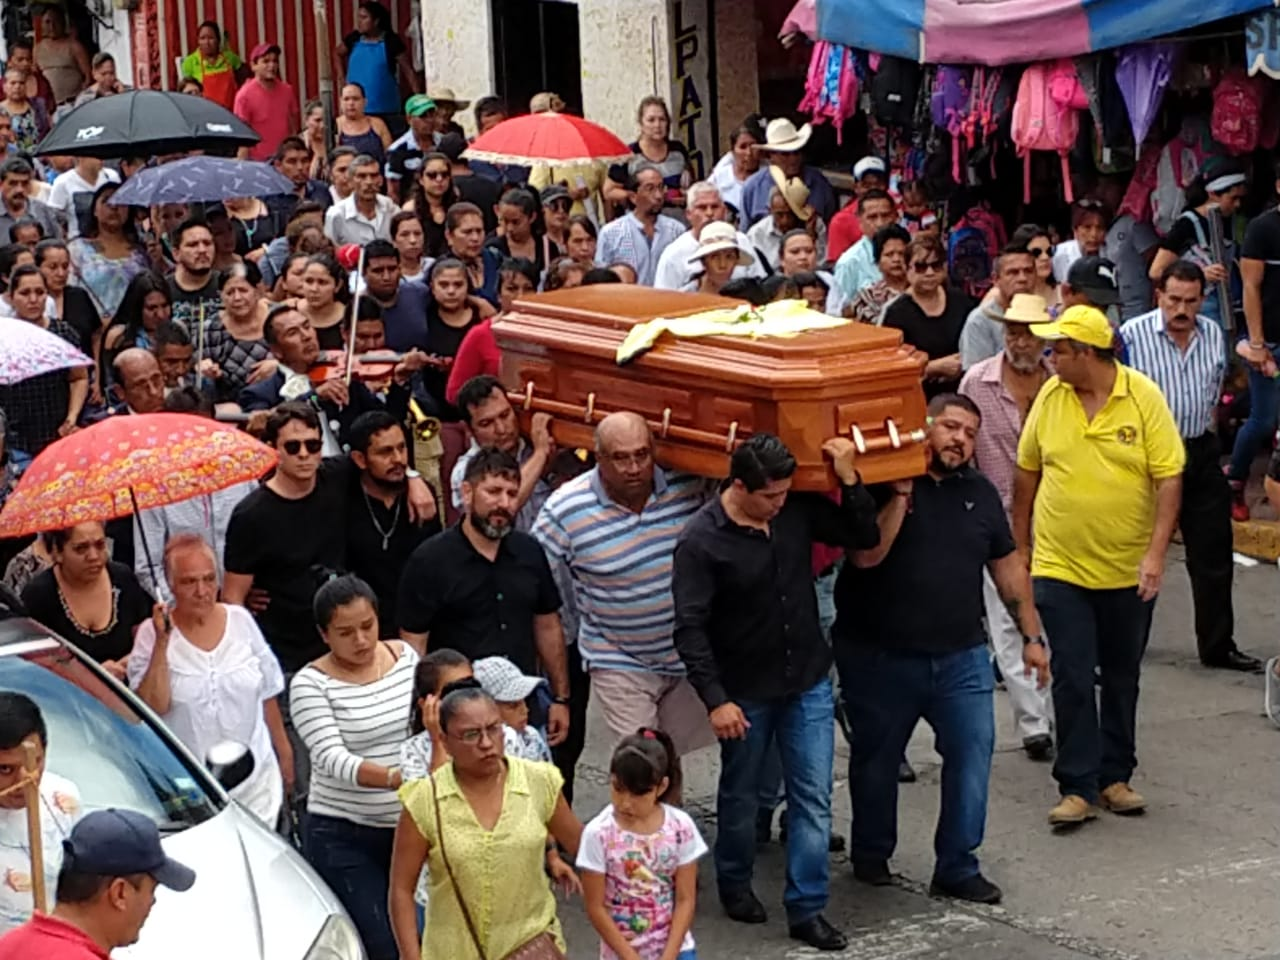 Carta Abierta en protesta por el asesinato de Nevith Condés Jaramillo